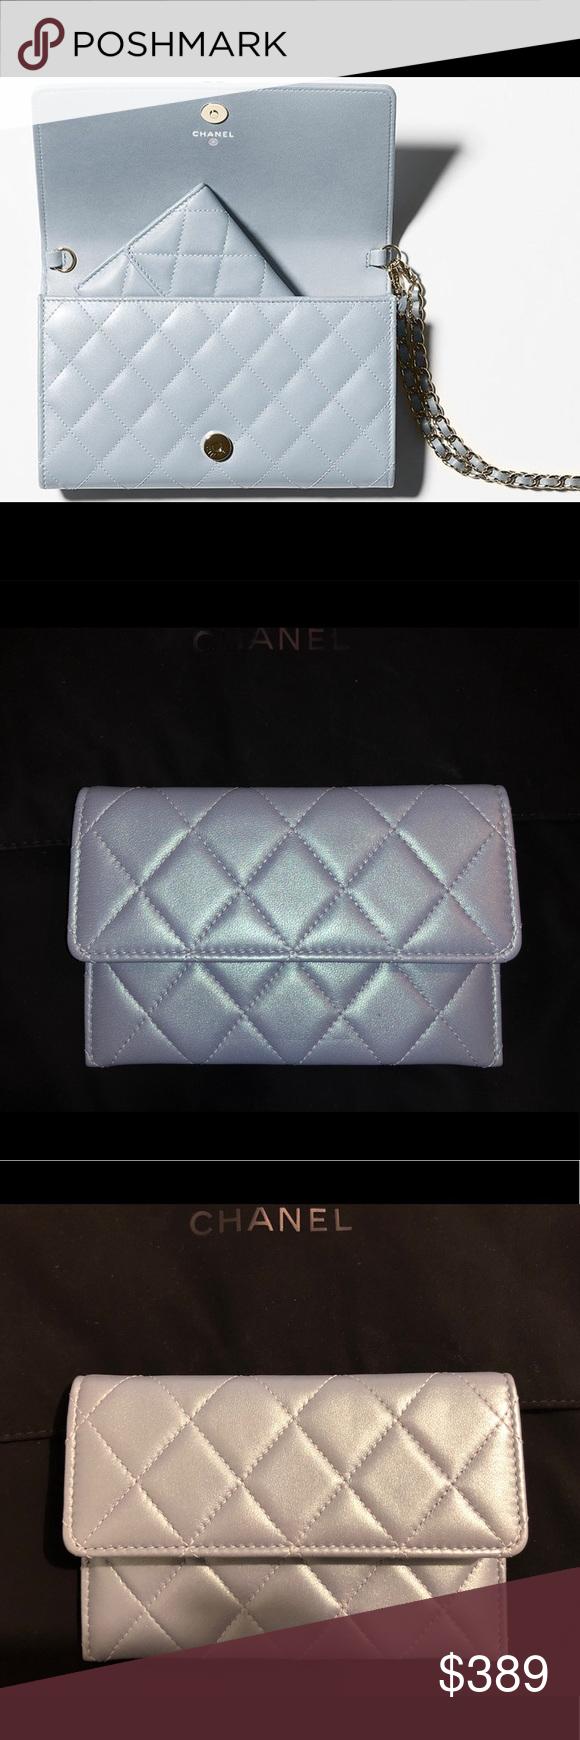 b380afadd52a Chanel iridescent coin purse boy wallet chain Chanel 2016 spring/summer act  1 iridescent light